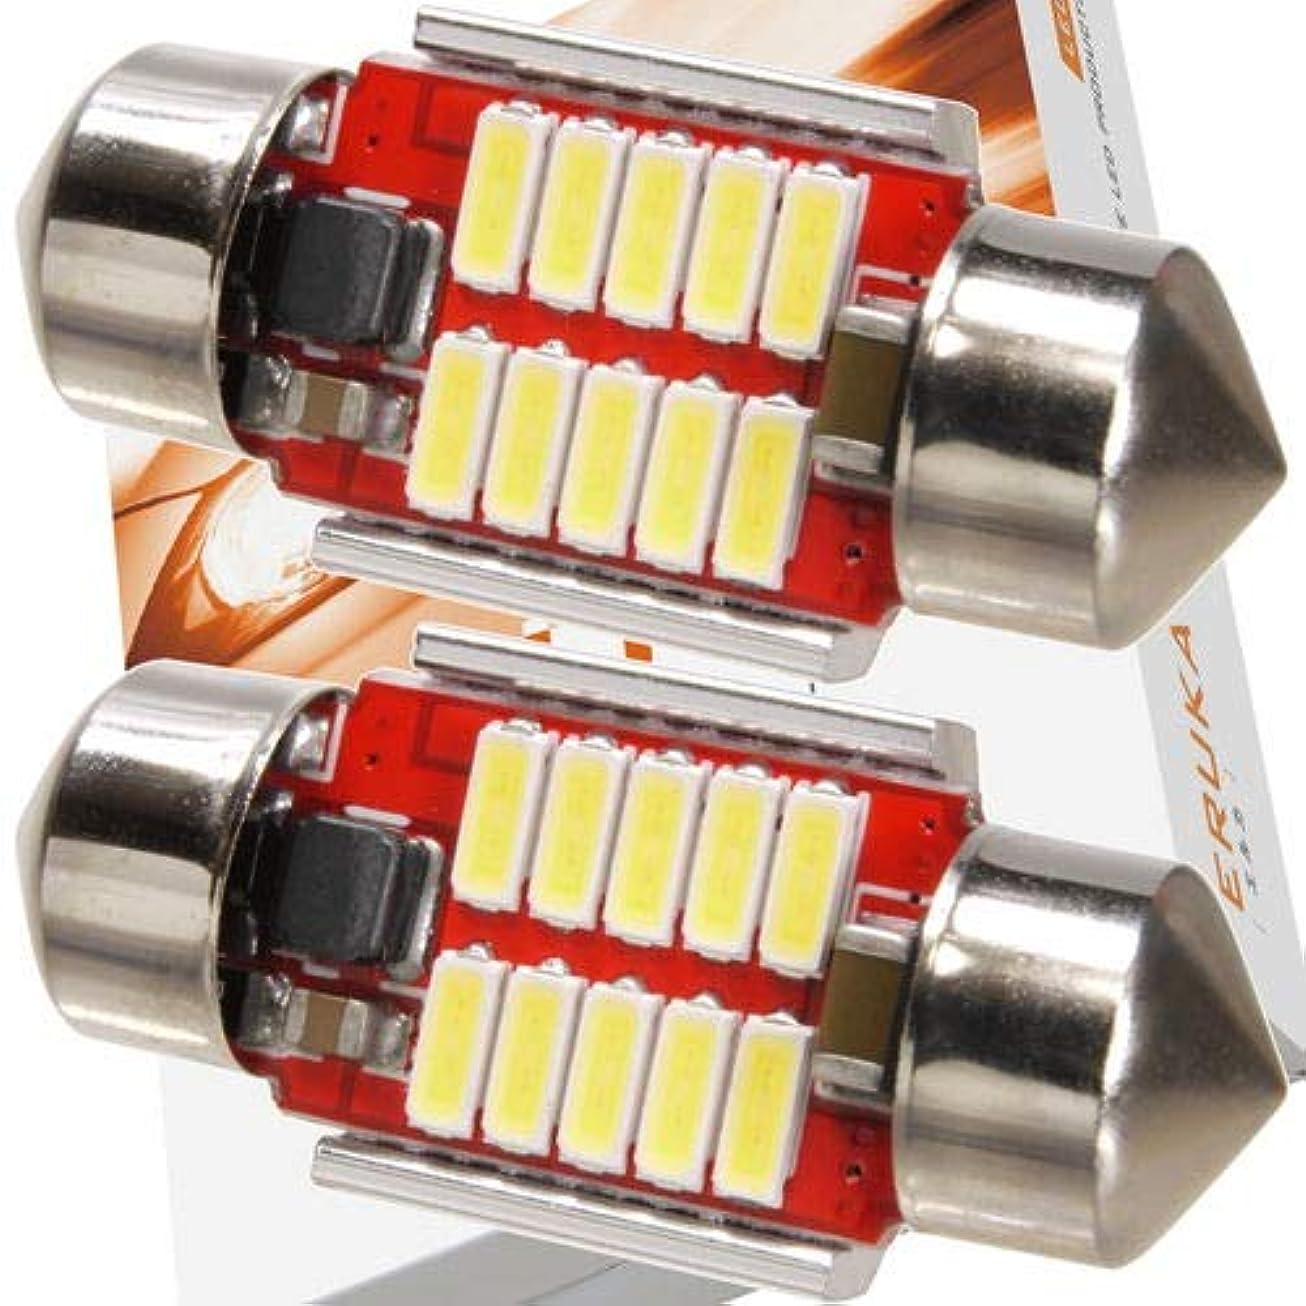 事実上教える負荷AUXITO T10 LED ホワイト 爆光 10個 ポジションランプ led キャンセラー内蔵 2W 24個3014LED素子 30000時間寿命 12V LED 白 ルームランプ/ナンバー灯 1年保証